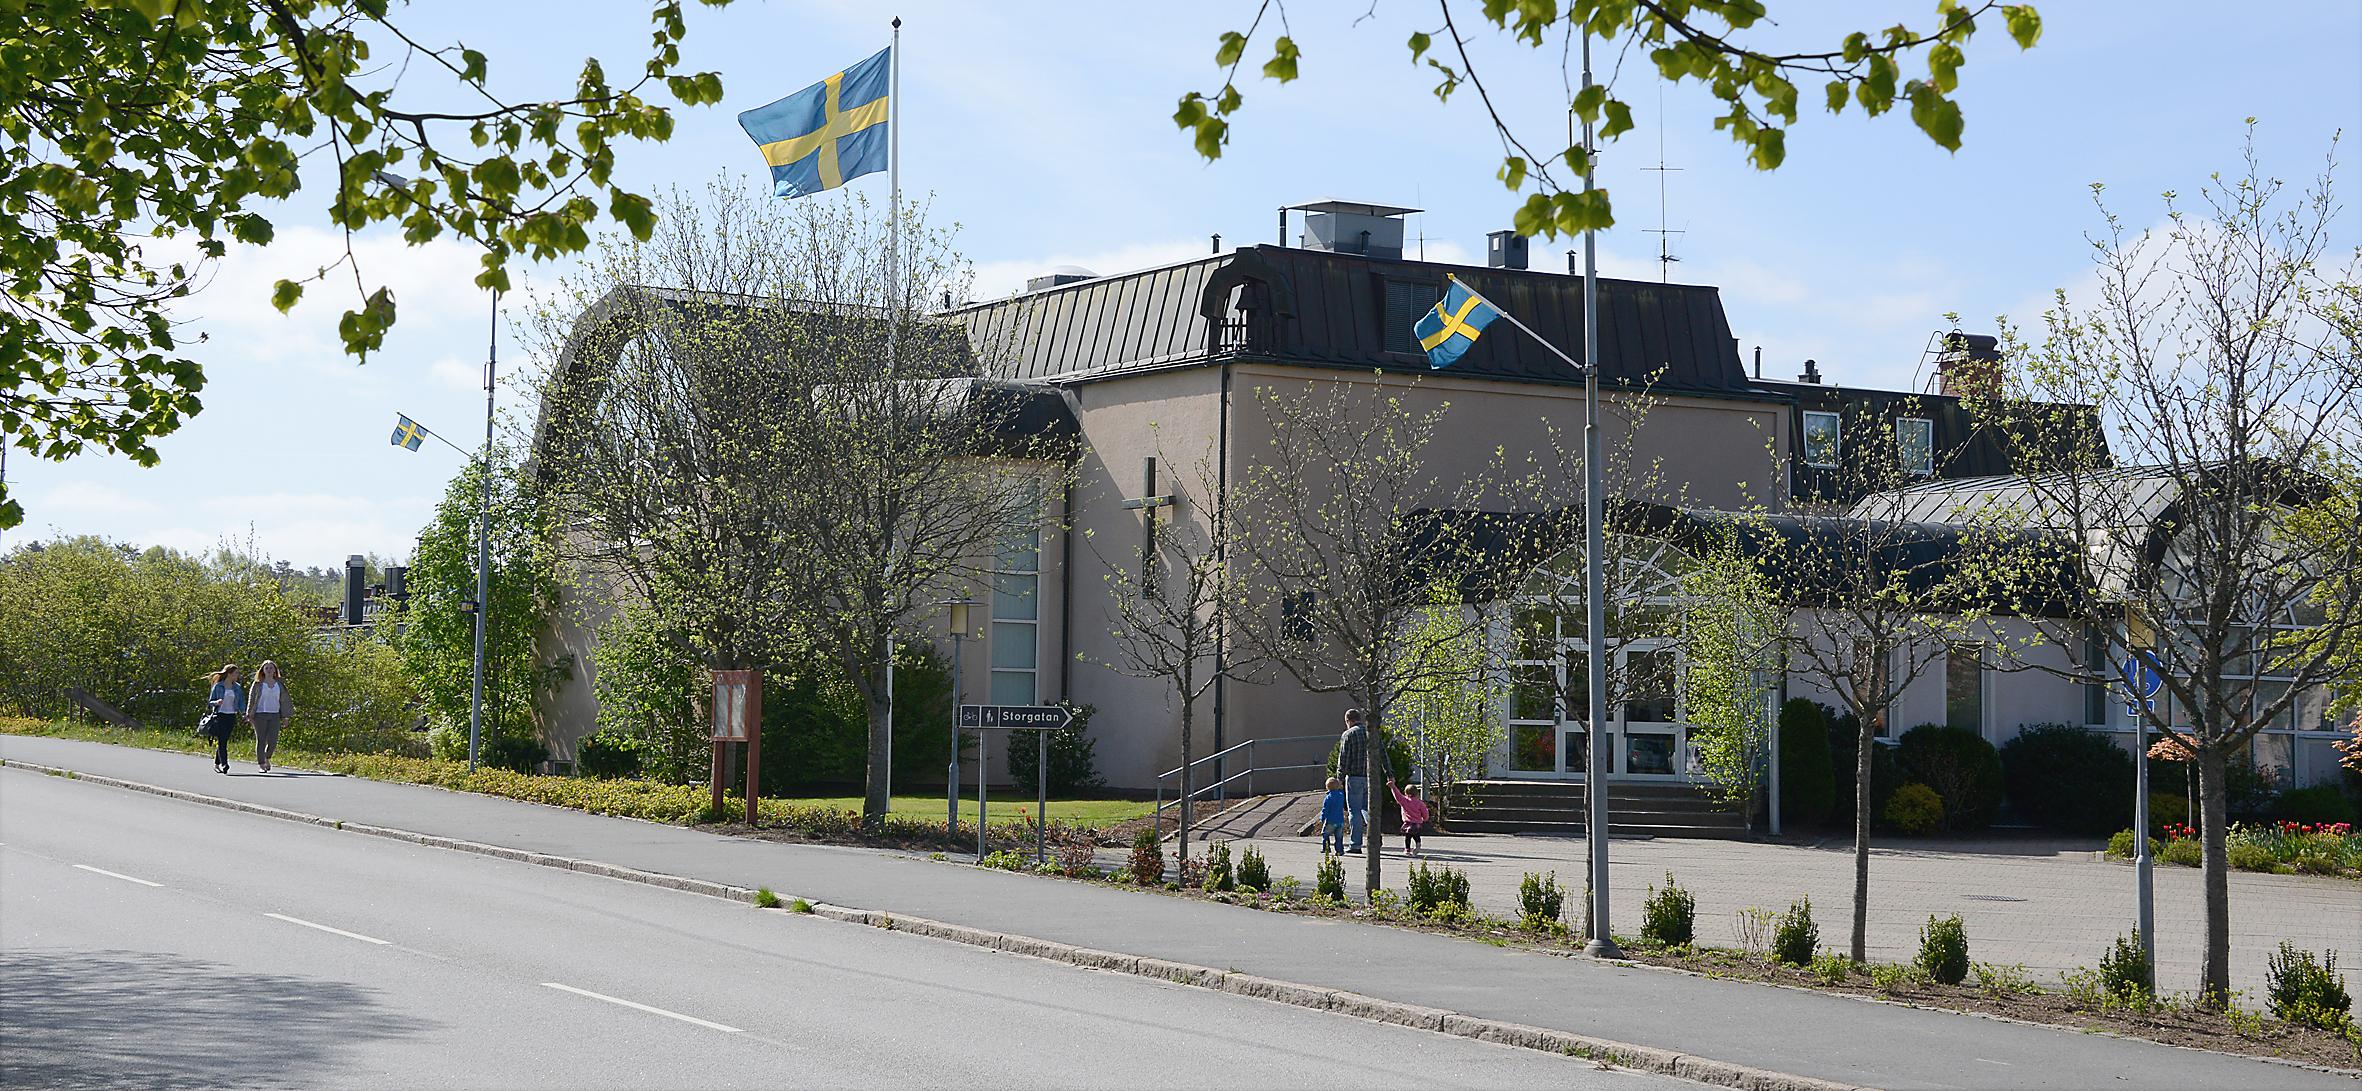 Gnosjö Missionskyrka